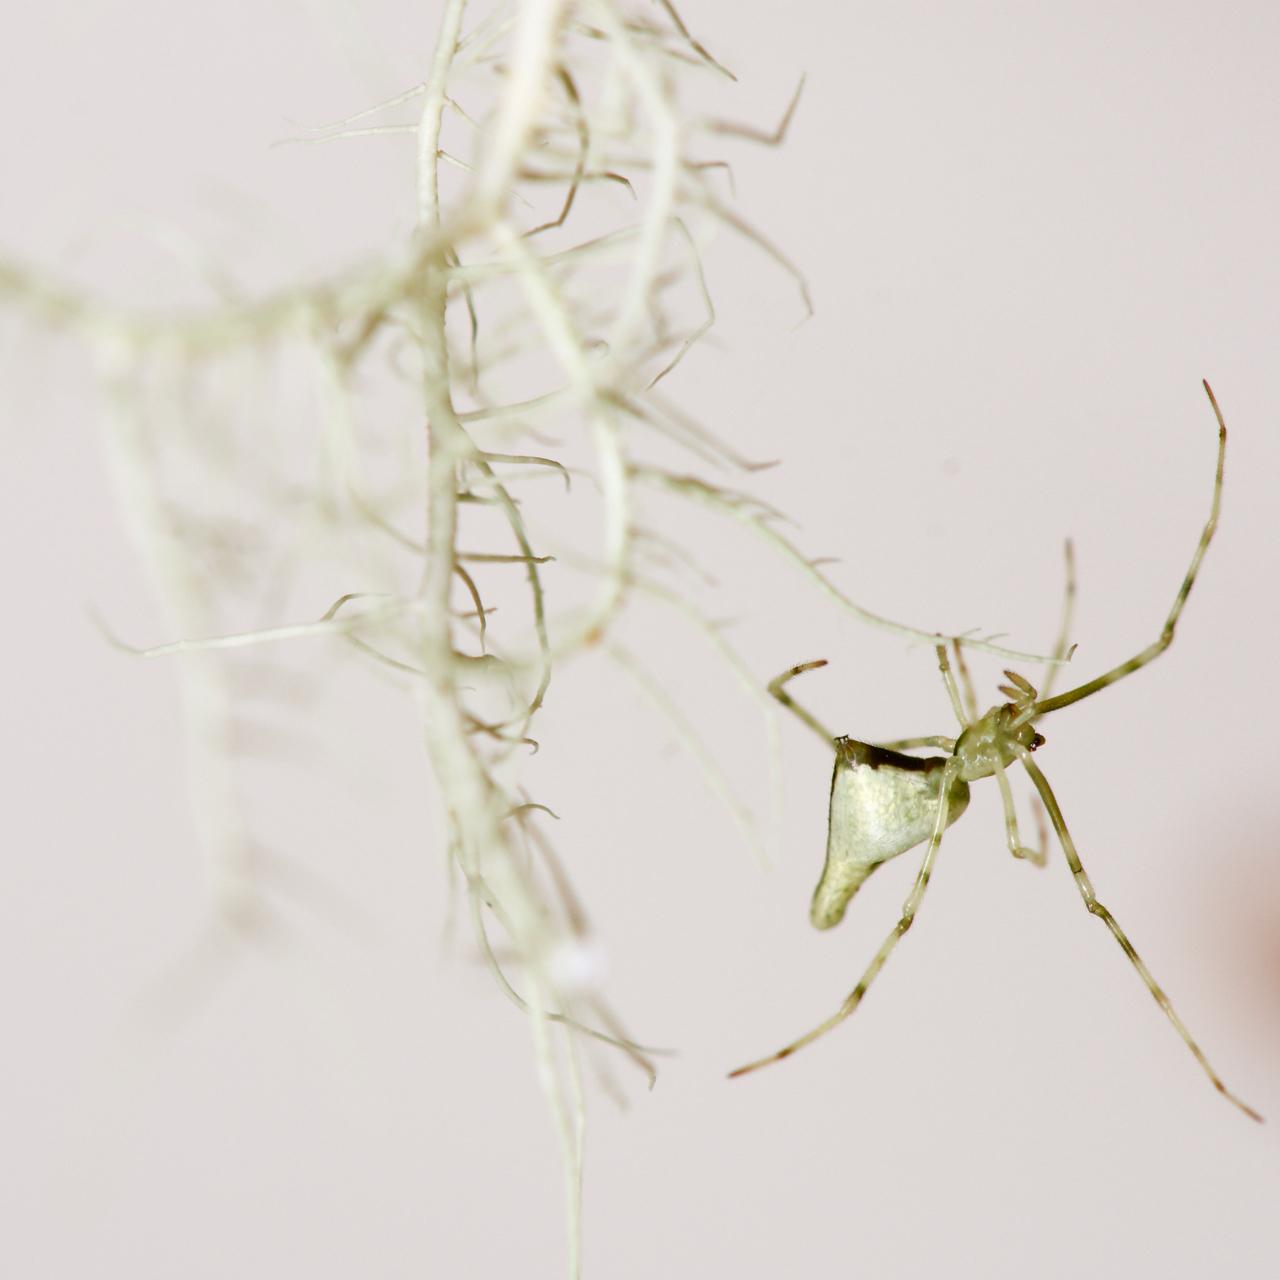 White Maui spider